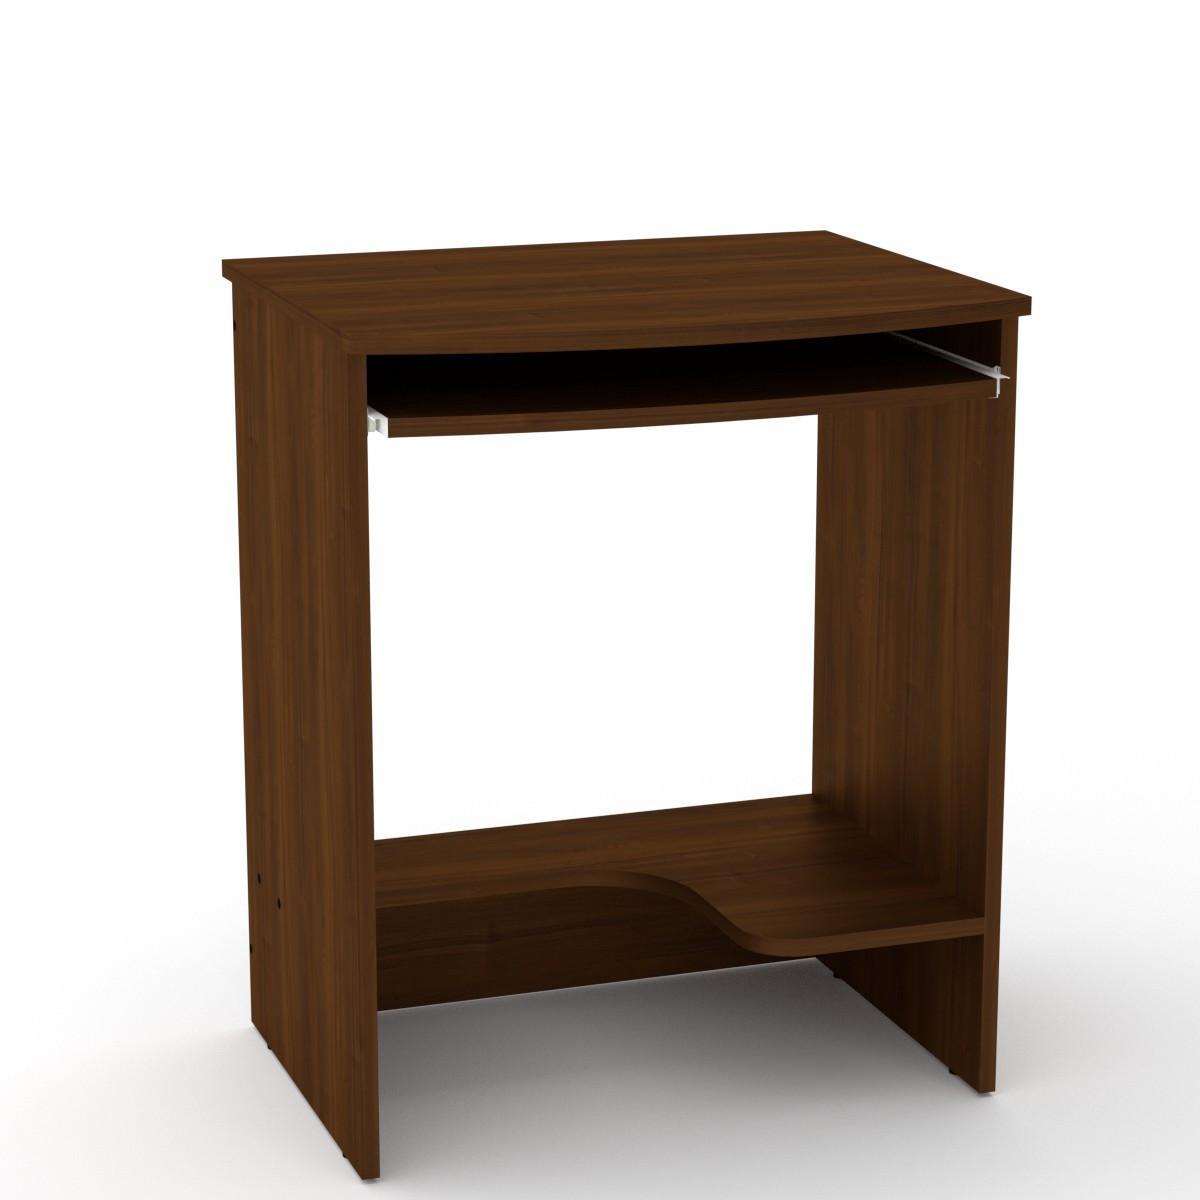 Стол компьютерный СКМ-13 орех экко Компанит (61х50х74 см)